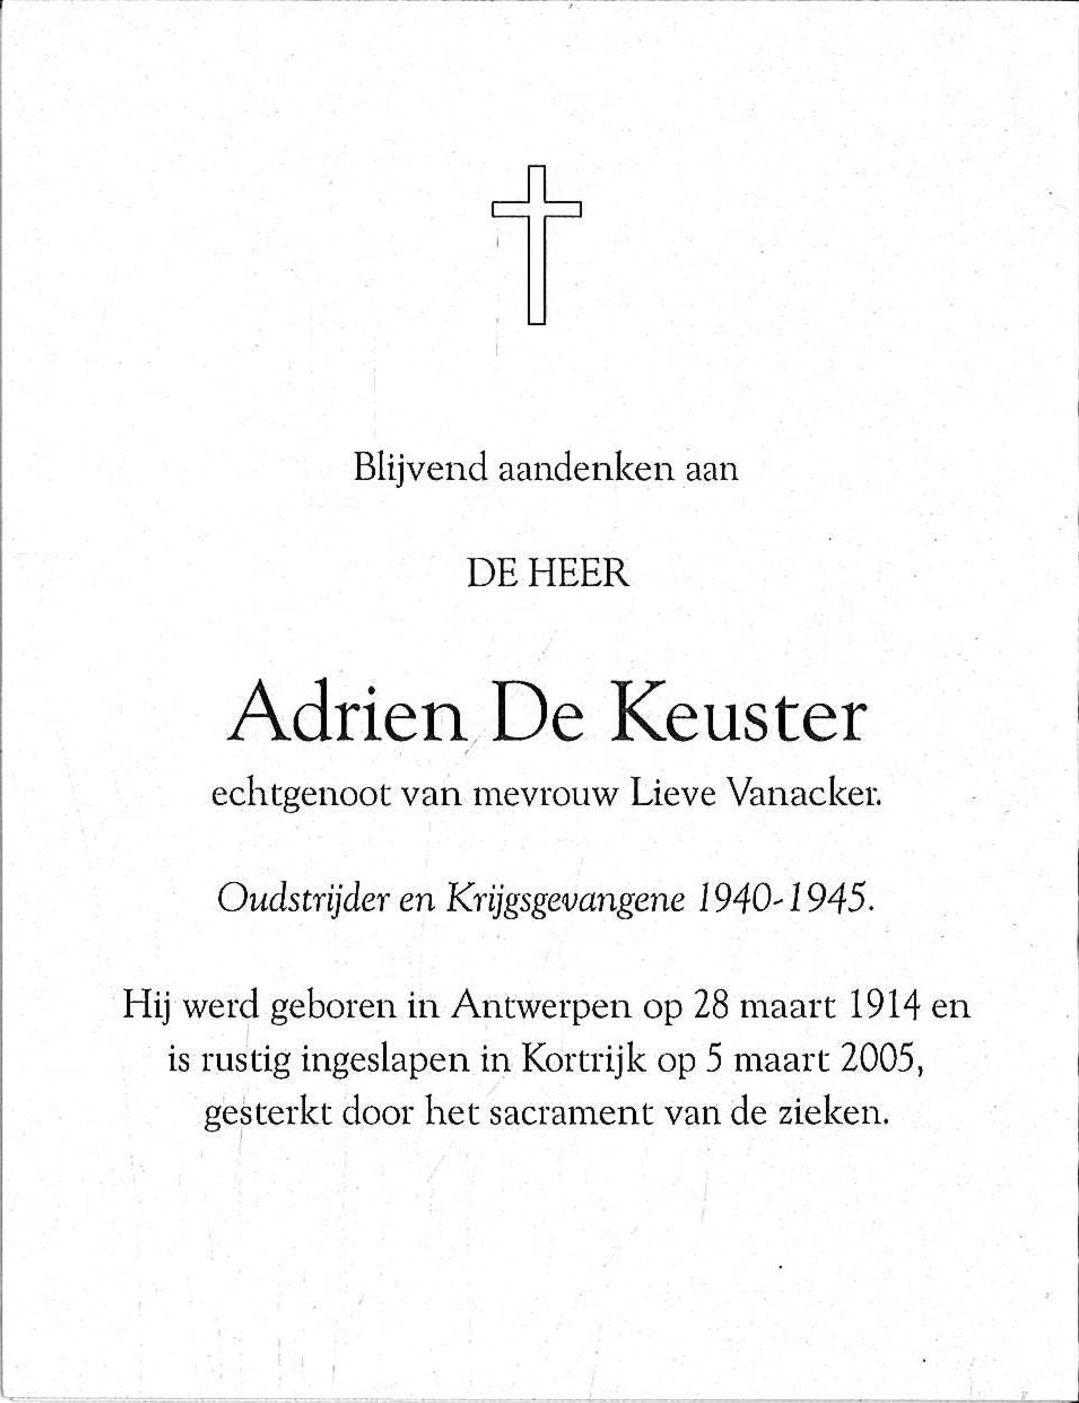 Adrien De Keuster